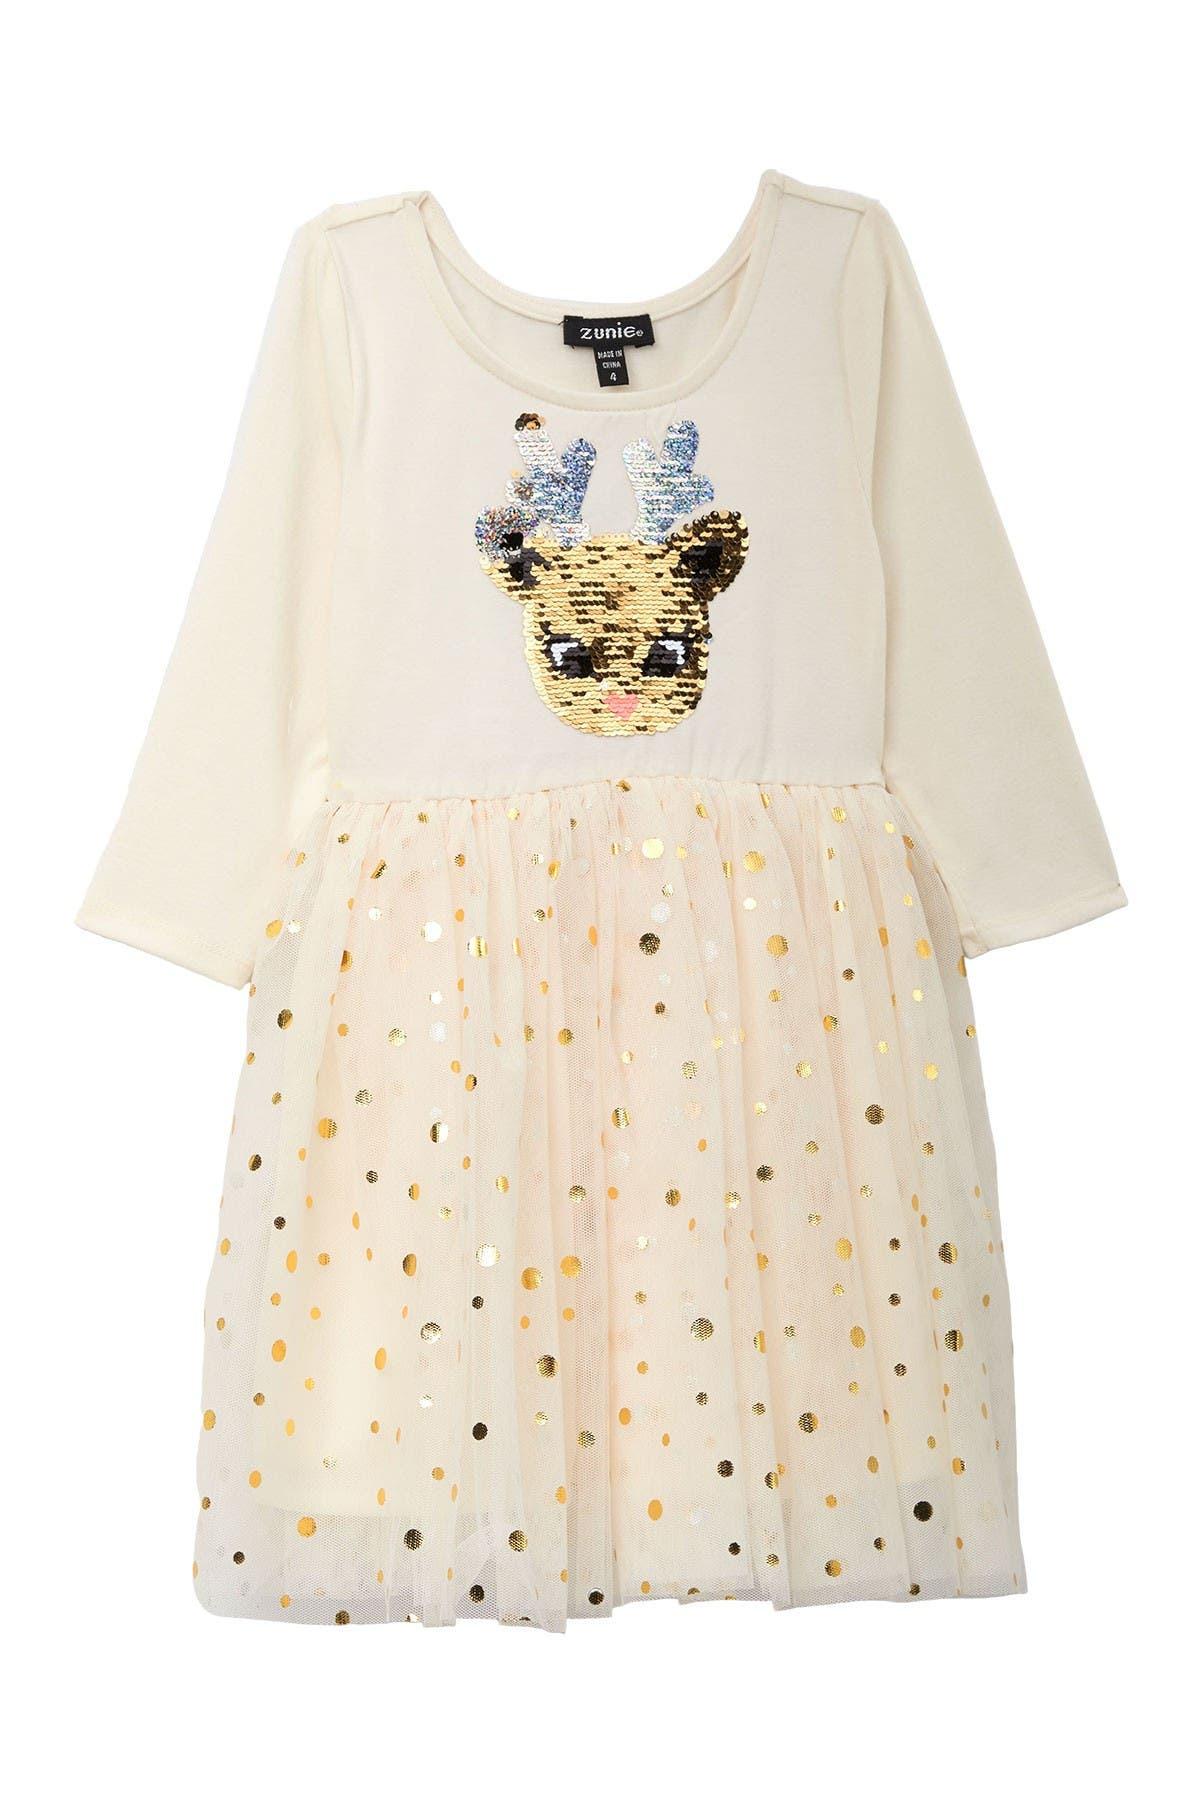 Image of Zunie 3/4 Sleeve Sequin Reindeer Dress